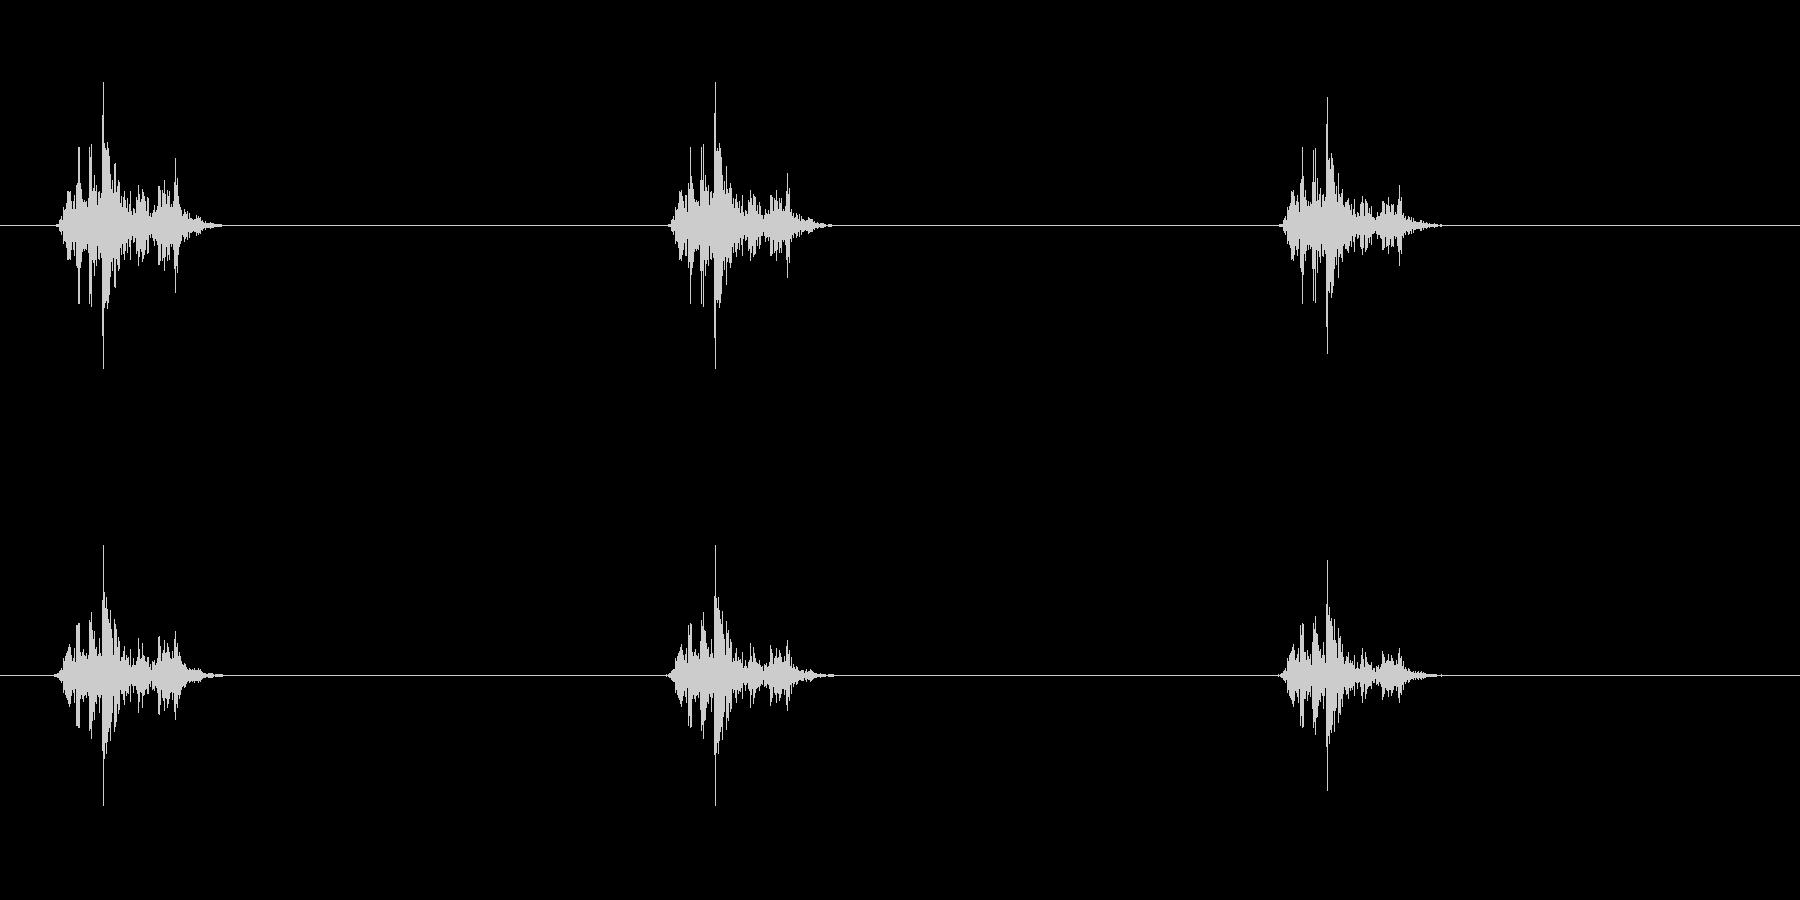 戦闘機シグナル_アナログ_カシャの未再生の波形